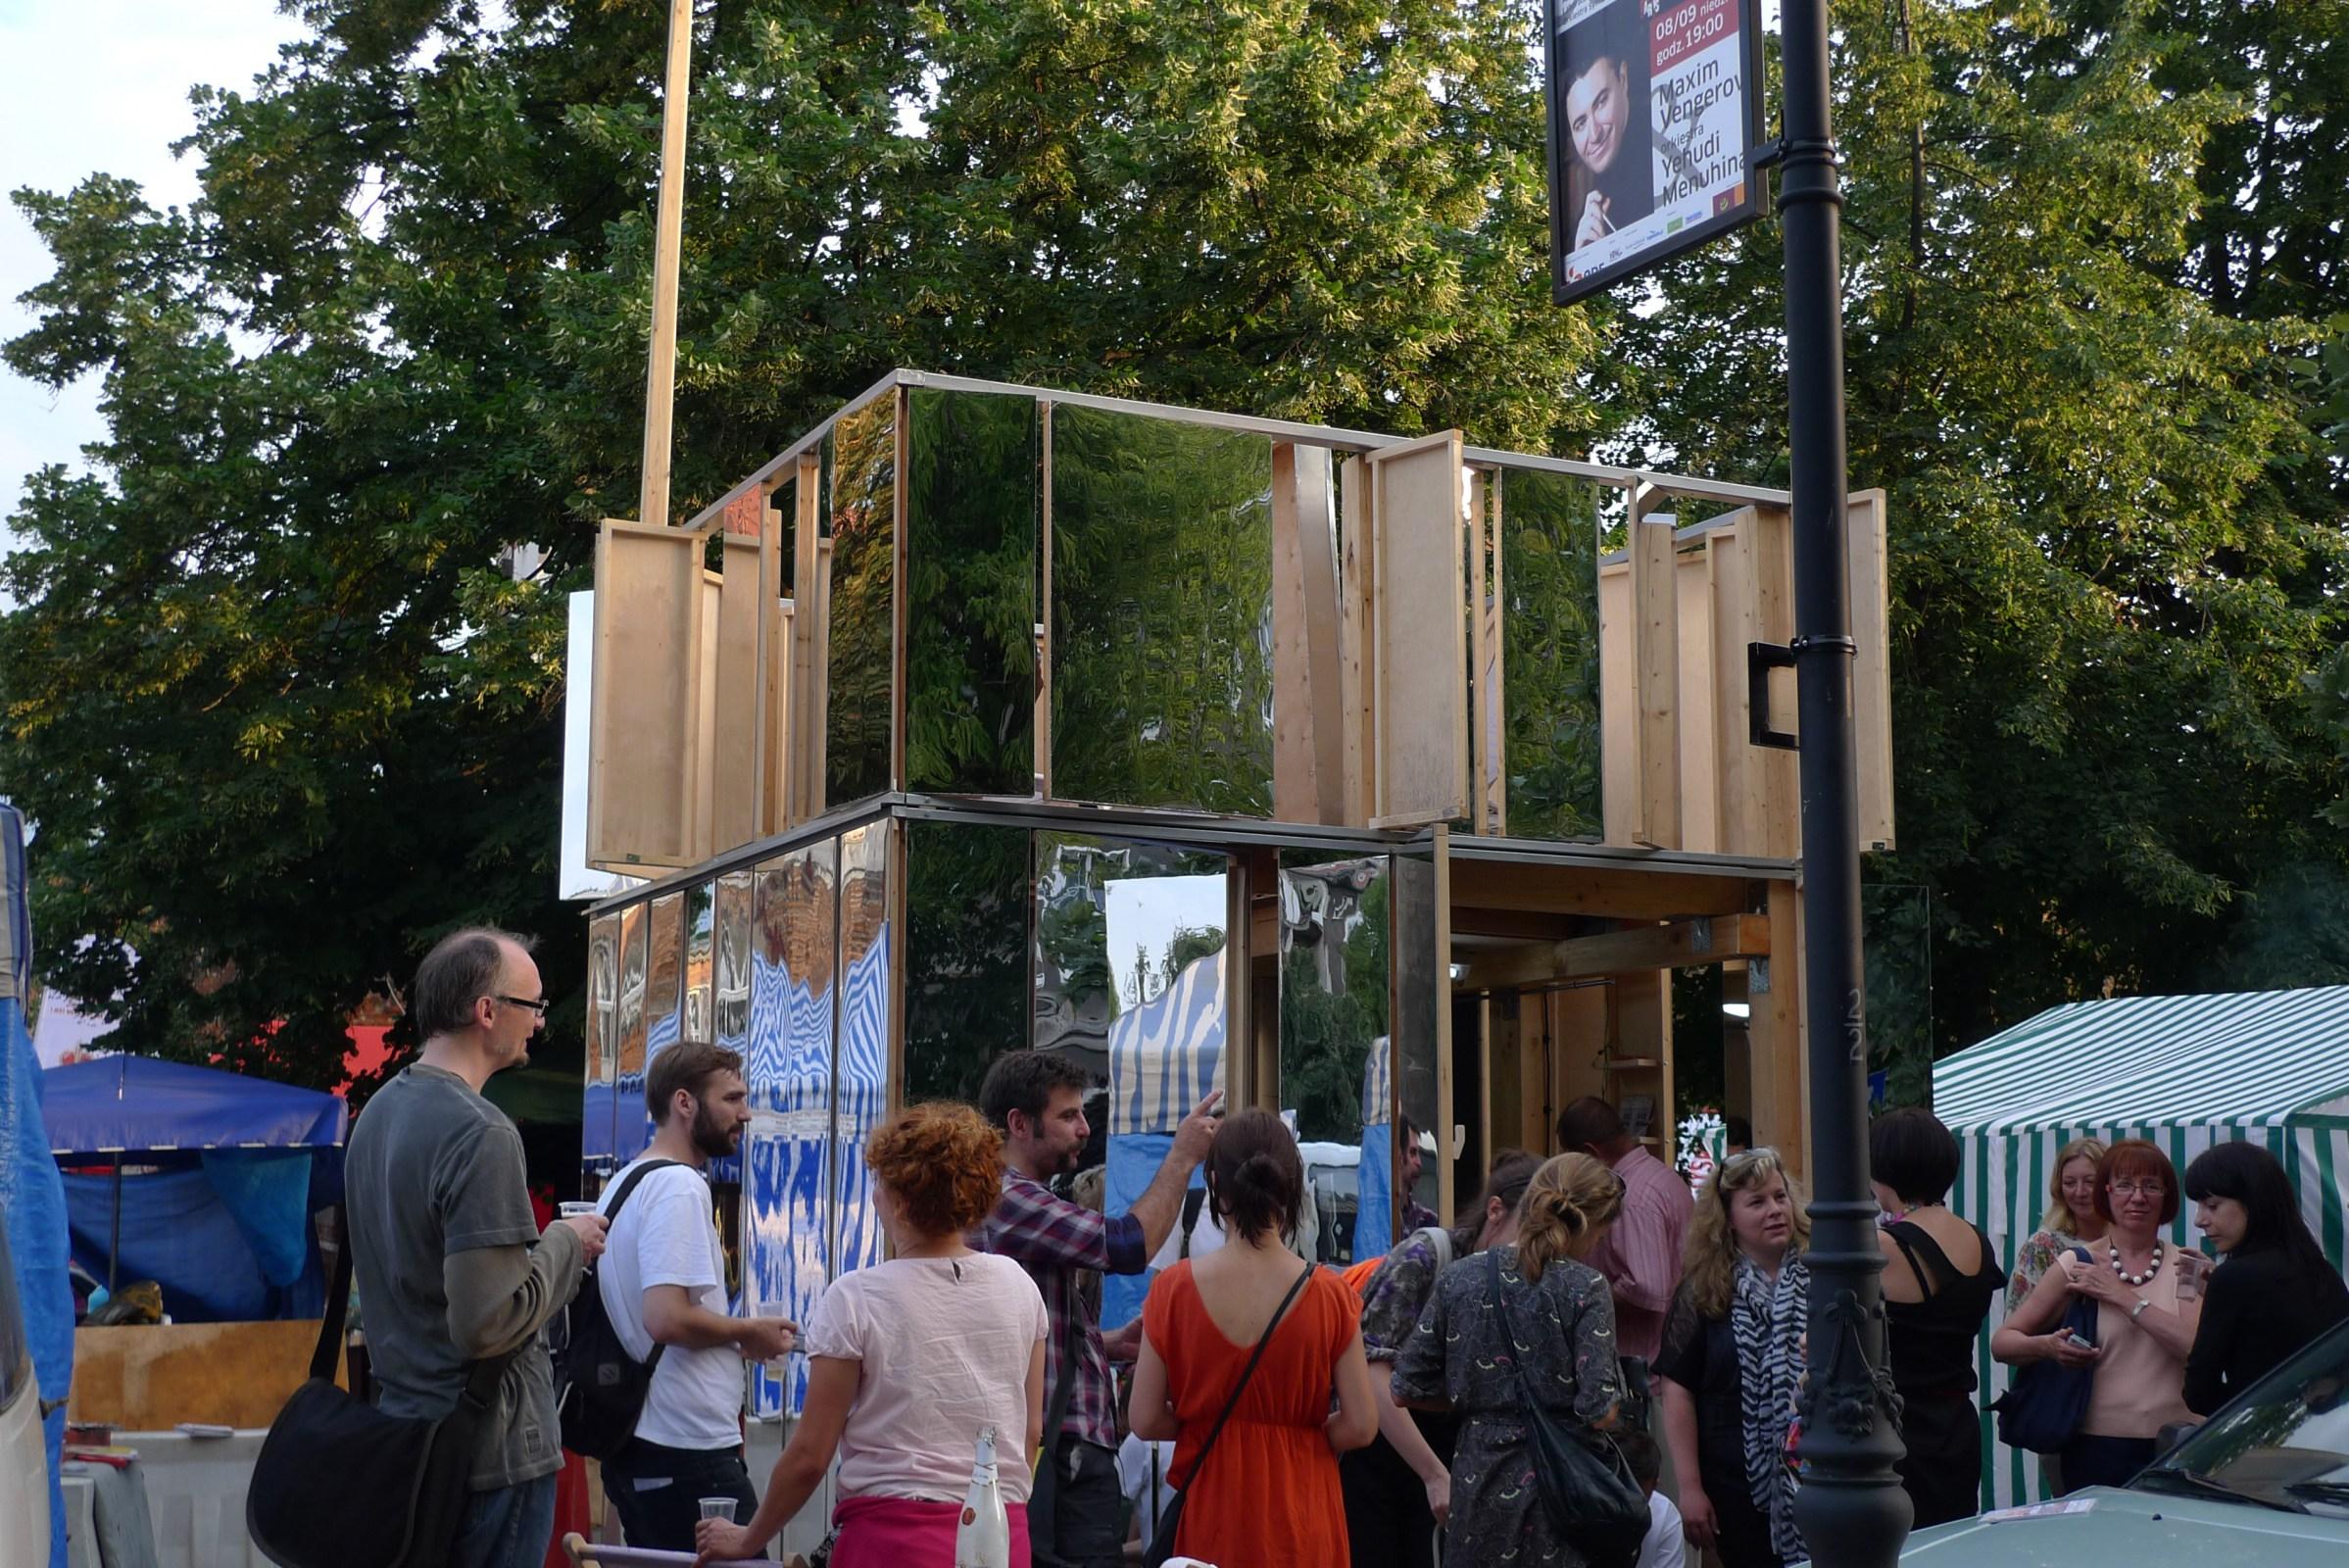 Kiosk Wirtualnej Strefy Ekonomicznej, Gdańsk, autorzy: Maciej Czeredys, Natalia Romik, fot. dzięki uprzejmości artystów